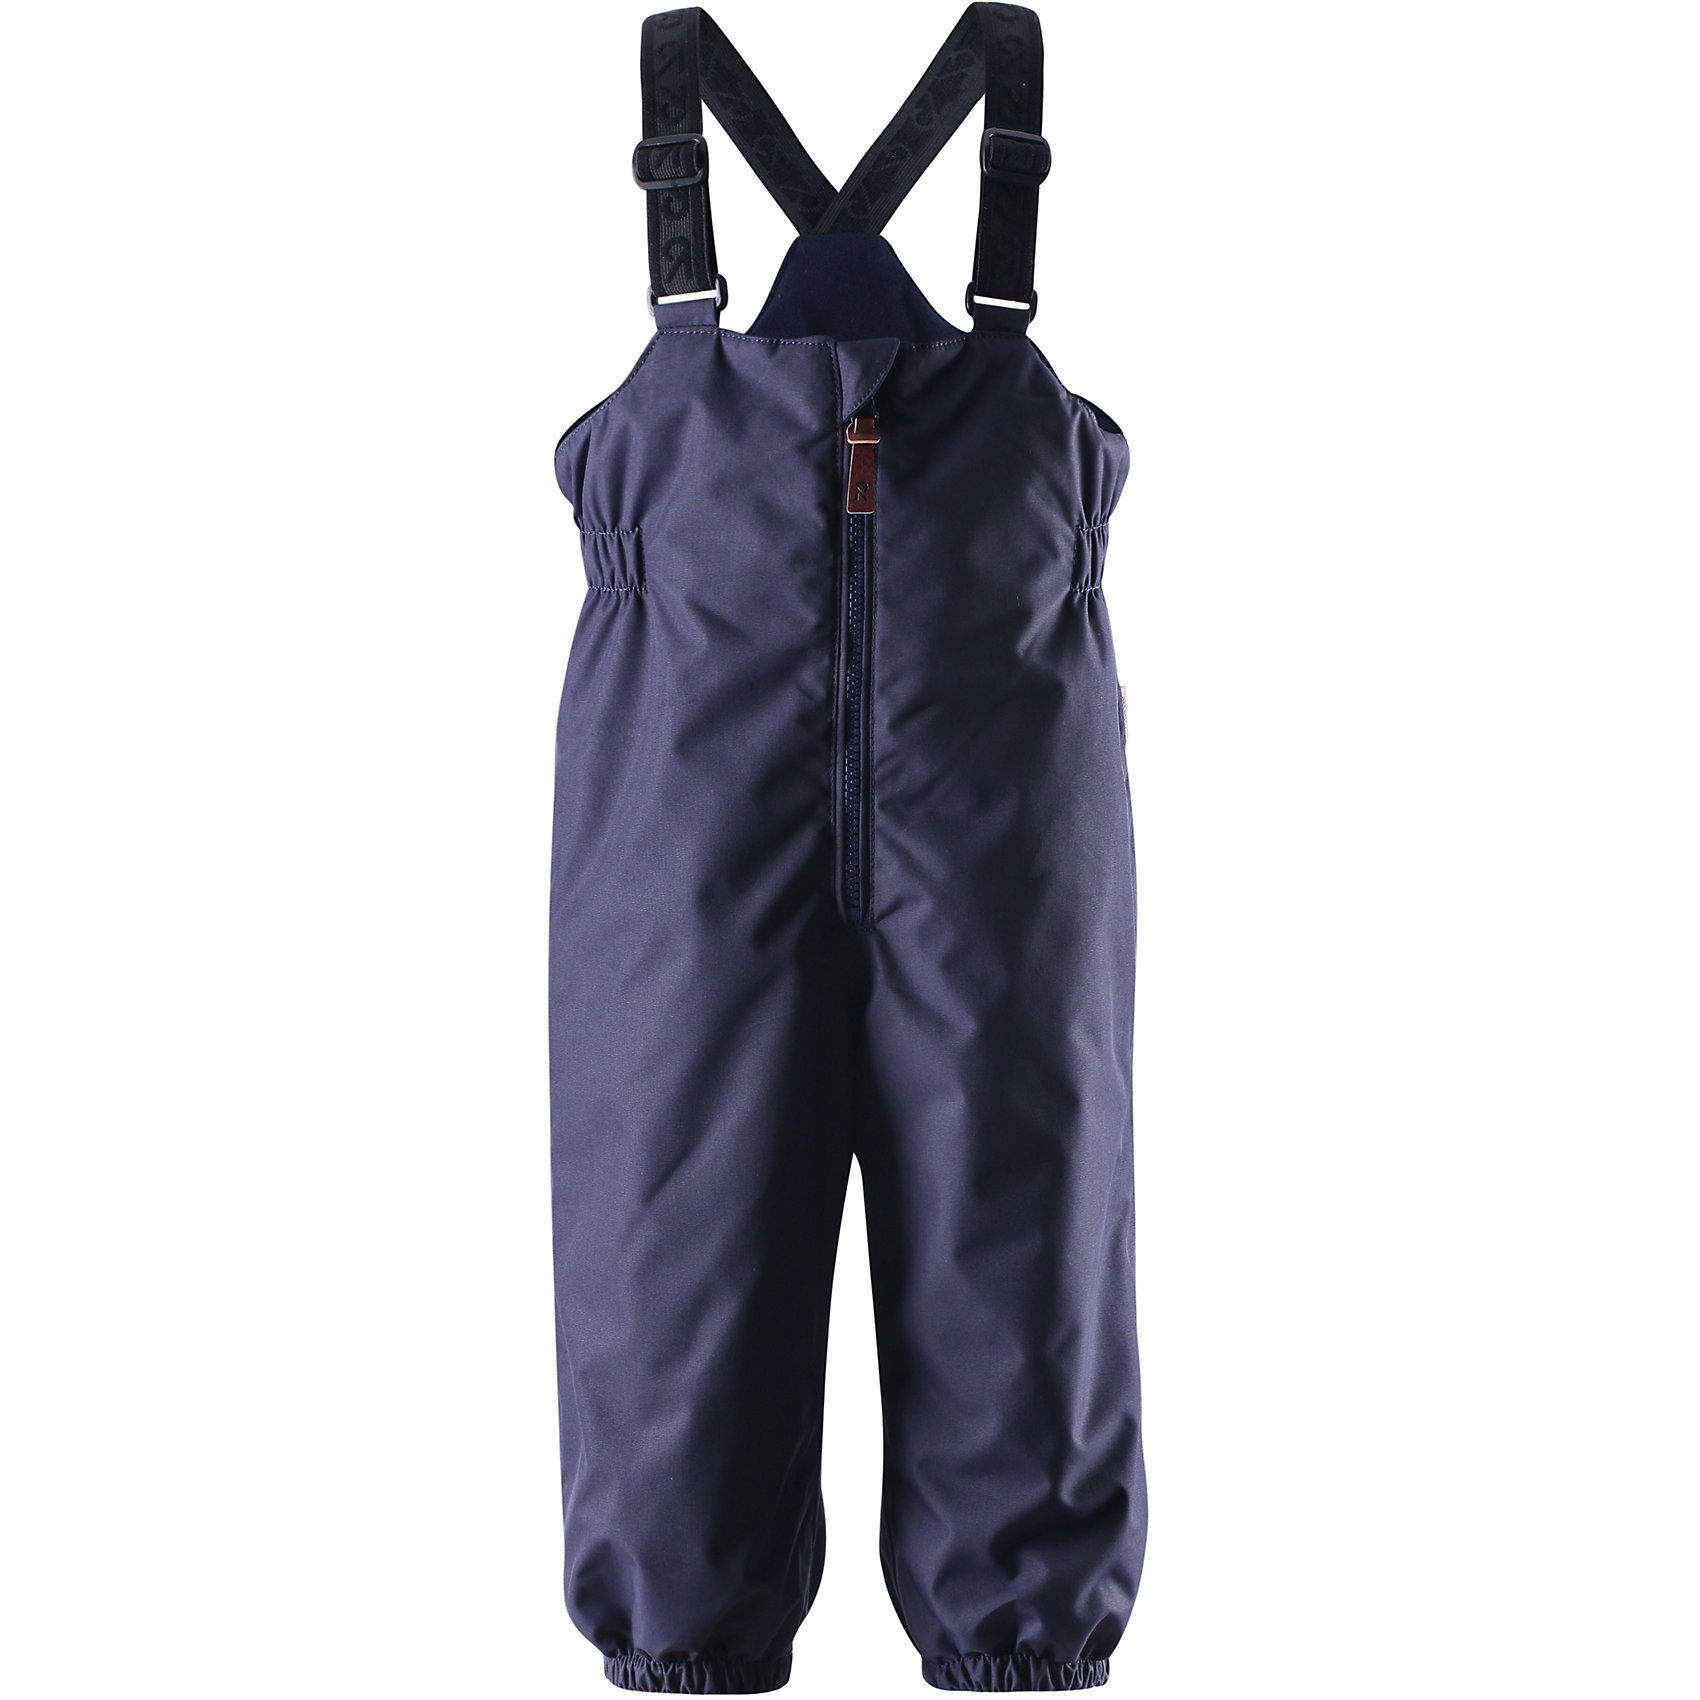 Брюки Matias для мальчика ReimaОдежда<br>Эти популярные у малышей брюки из коллекции ORIGINAL от Reima (Рейма) так и зовут повеселиться в зимний денёк! Эти великолепные практичные брюки подходят для всех видов зимнего отдыха на свежем воздухе. Дети не вспотеют играя в водонепроницаемых, пропускающих воздух брюках. Поверхность материала отталкивает воду и грязь. Завышенная талия и регулируемые подтяжки гарантируют, что брюки будут сидеть по фигуре, а длинная молния спереди облегчит одевание. Благодаря дополнительно утеплённой задней части брюк, малыши не замёрзнут катаясь на санках и скользя в снегу. Эластичные штрипки удержат концы брючин на своём месте во время прогулки. Эти надёжные брюки теперь можно приобрести в великолепных модных в этом сезоне расцветках!<br><br> Водонепроницаемые зимние брюки для малышей в стиле ORIGINAL<br> Основные швы проклеены, водонепроницаемы<br> Регулируемые подтяжки<br> Длинная молния спереди<br> Дополнительно утеплённая задняя часть брюк<br> Съёмные эластичные штрипки<br>Состав:<br>100% ПЭ, ПУ-покрытие<br>Средняя степень утепления (до - 20)<br>Утеплитель: 140 г (100% полиэстер)<br><br>Брюки Reima (Рейма) можно купить в нашем магазине.<br><br>Ширина мм: 570<br>Глубина мм: 355<br>Высота мм: 101<br>Вес г: 337<br>Цвет: синий<br>Возраст от месяцев: 9<br>Возраст до месяцев: 12<br>Пол: Мужской<br>Возраст: Детский<br>Размер: 80,98,92,86,74<br>SKU: 4208227